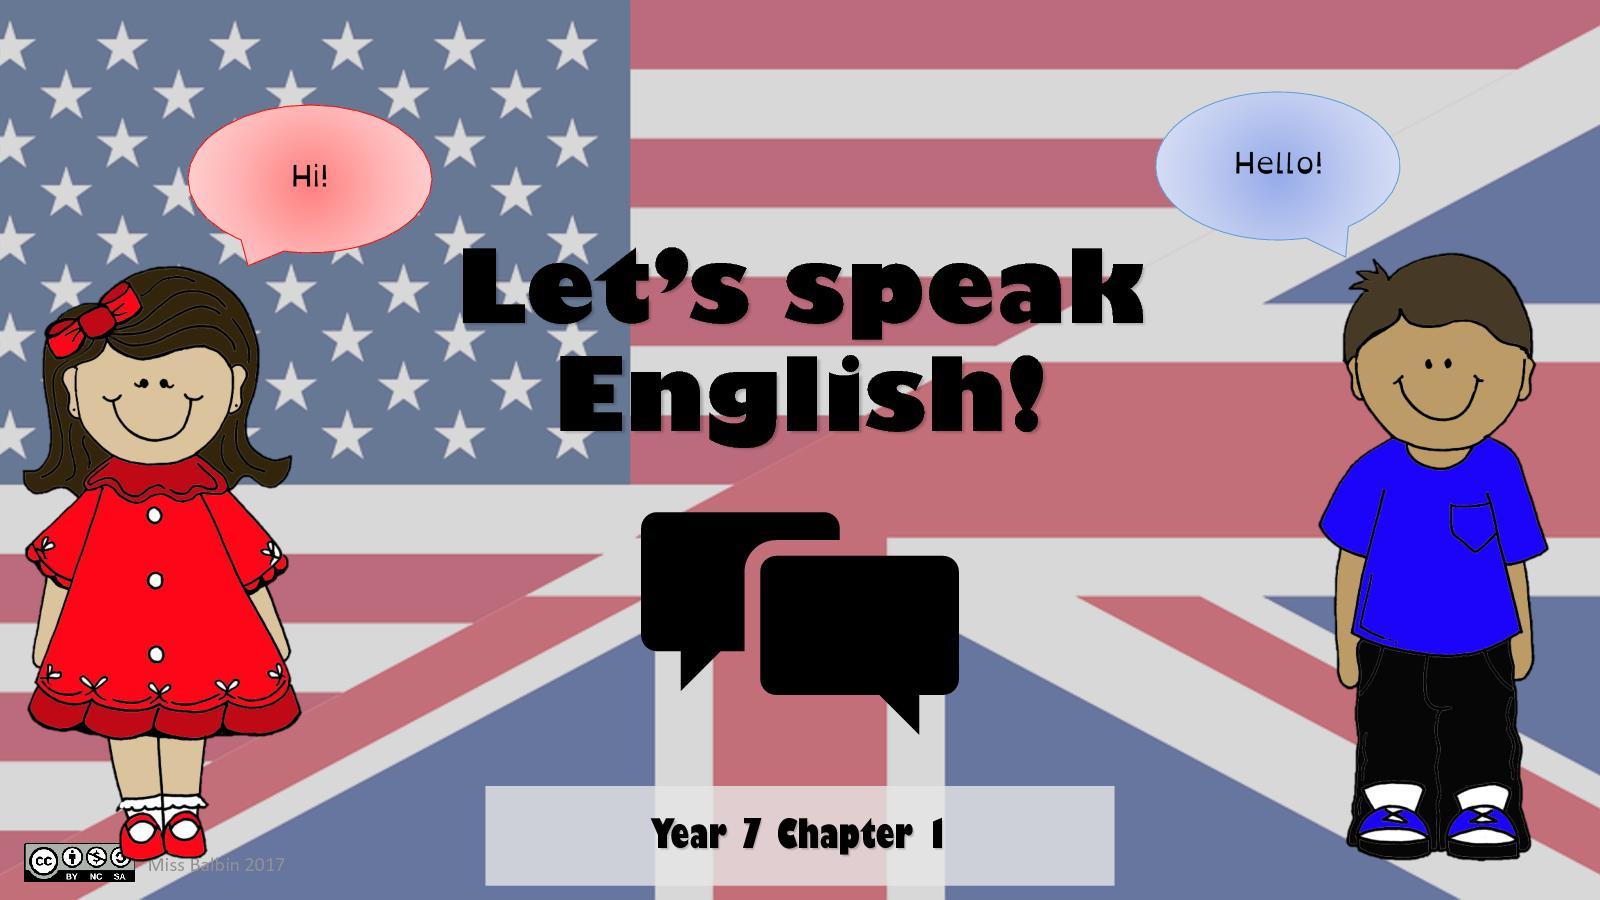 S1 Let's Speak English!